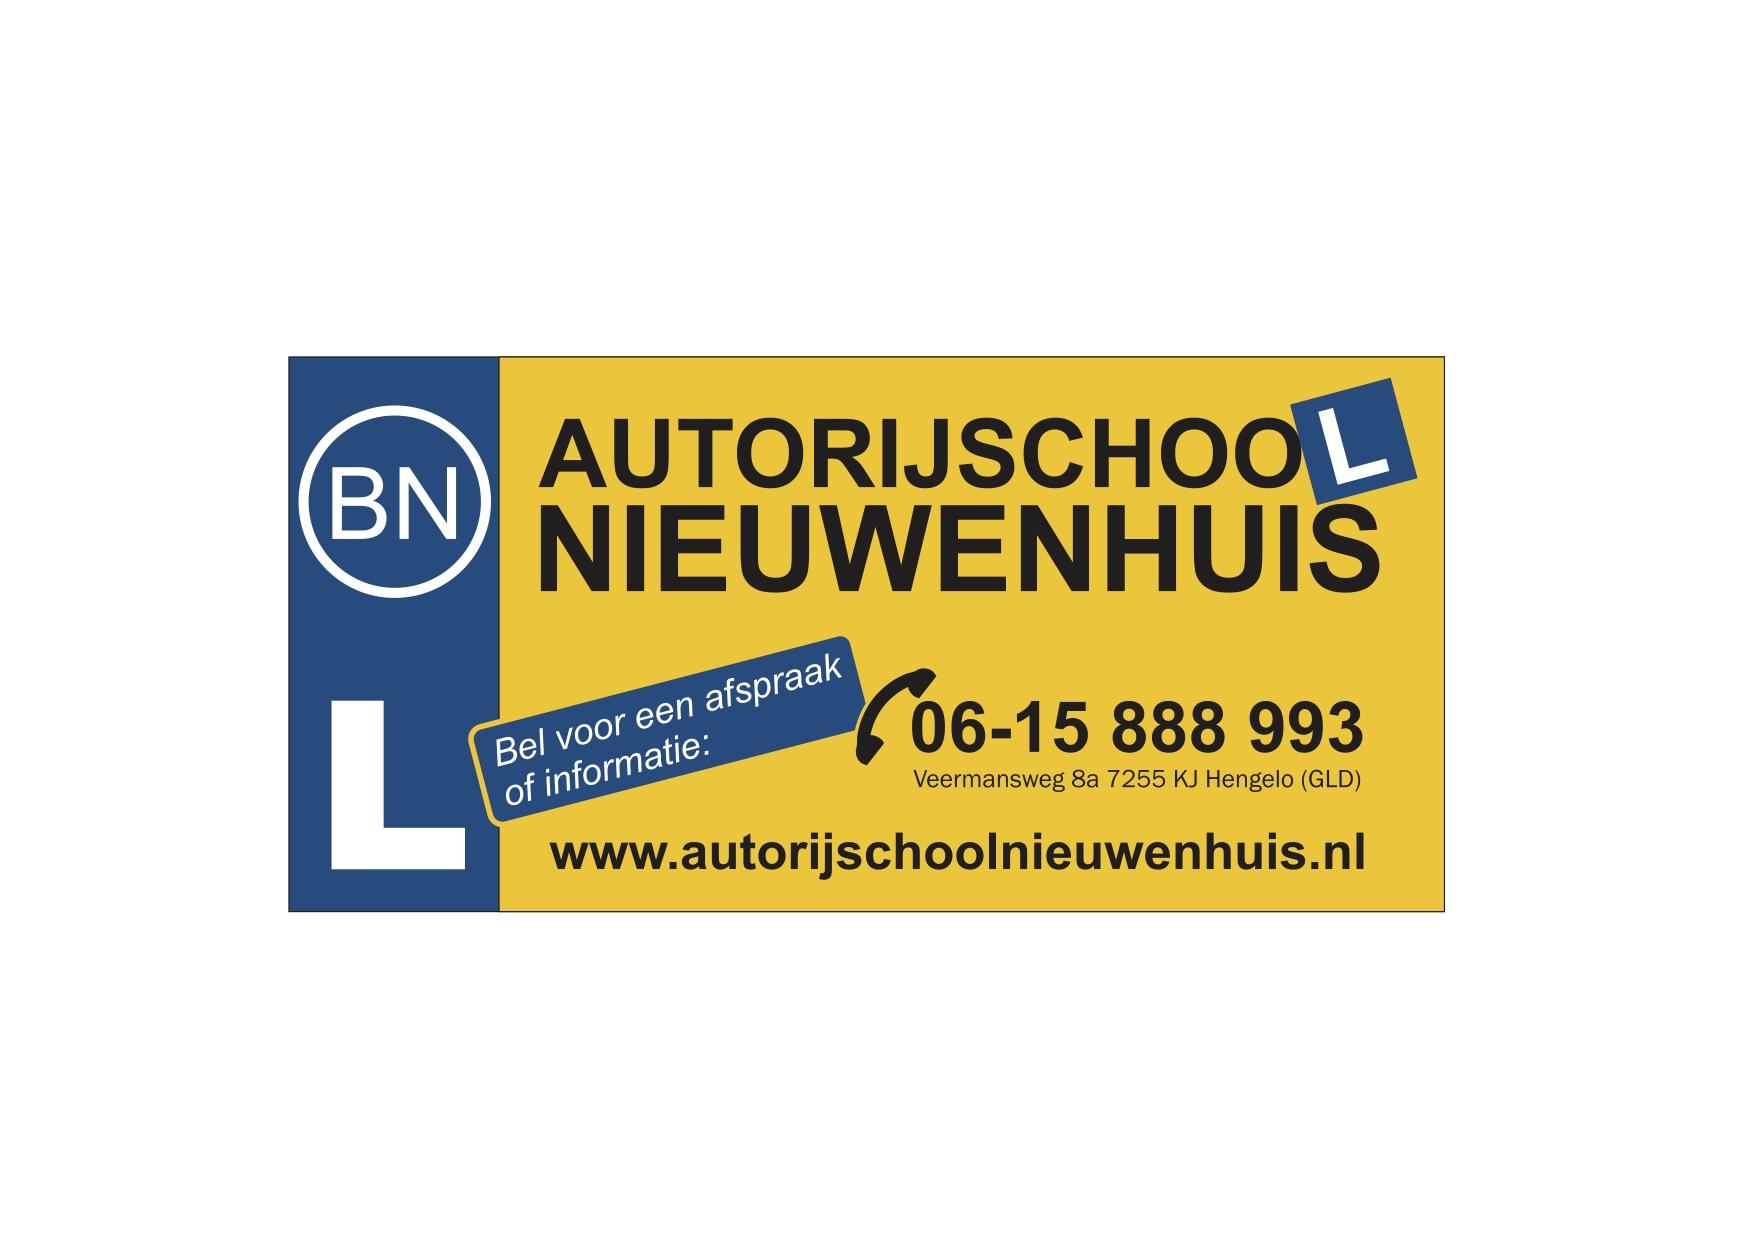 autorijschool nieuwenhuis advertentie